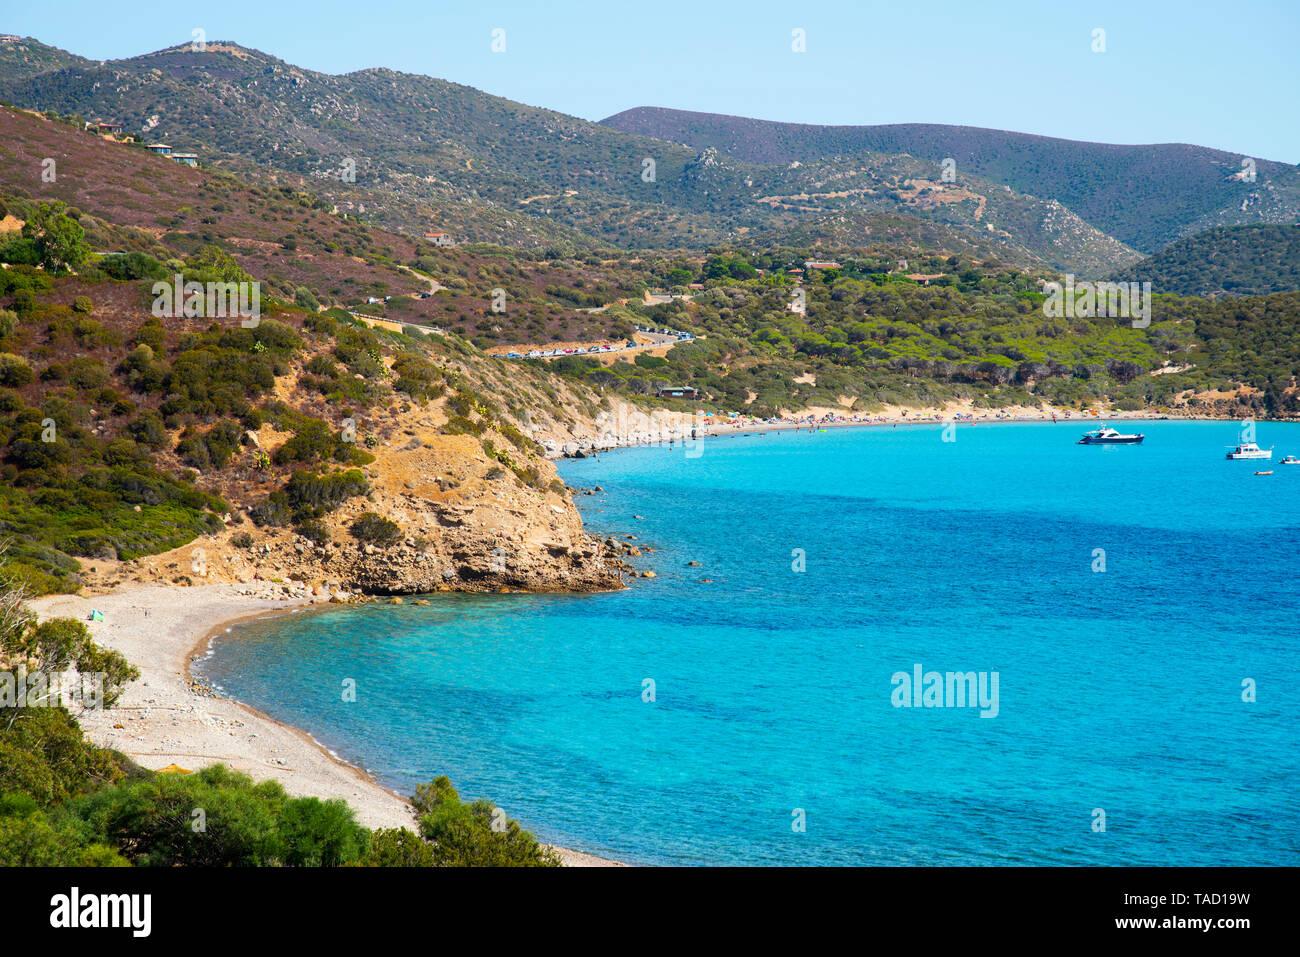 Une vue panoramique sur l'Est Canaleddus et sur la mer Méditerranée en Sardaigne, Italie, avec la plage de Spiaggia di Mari Pintau en arrière-plan Banque D'Images